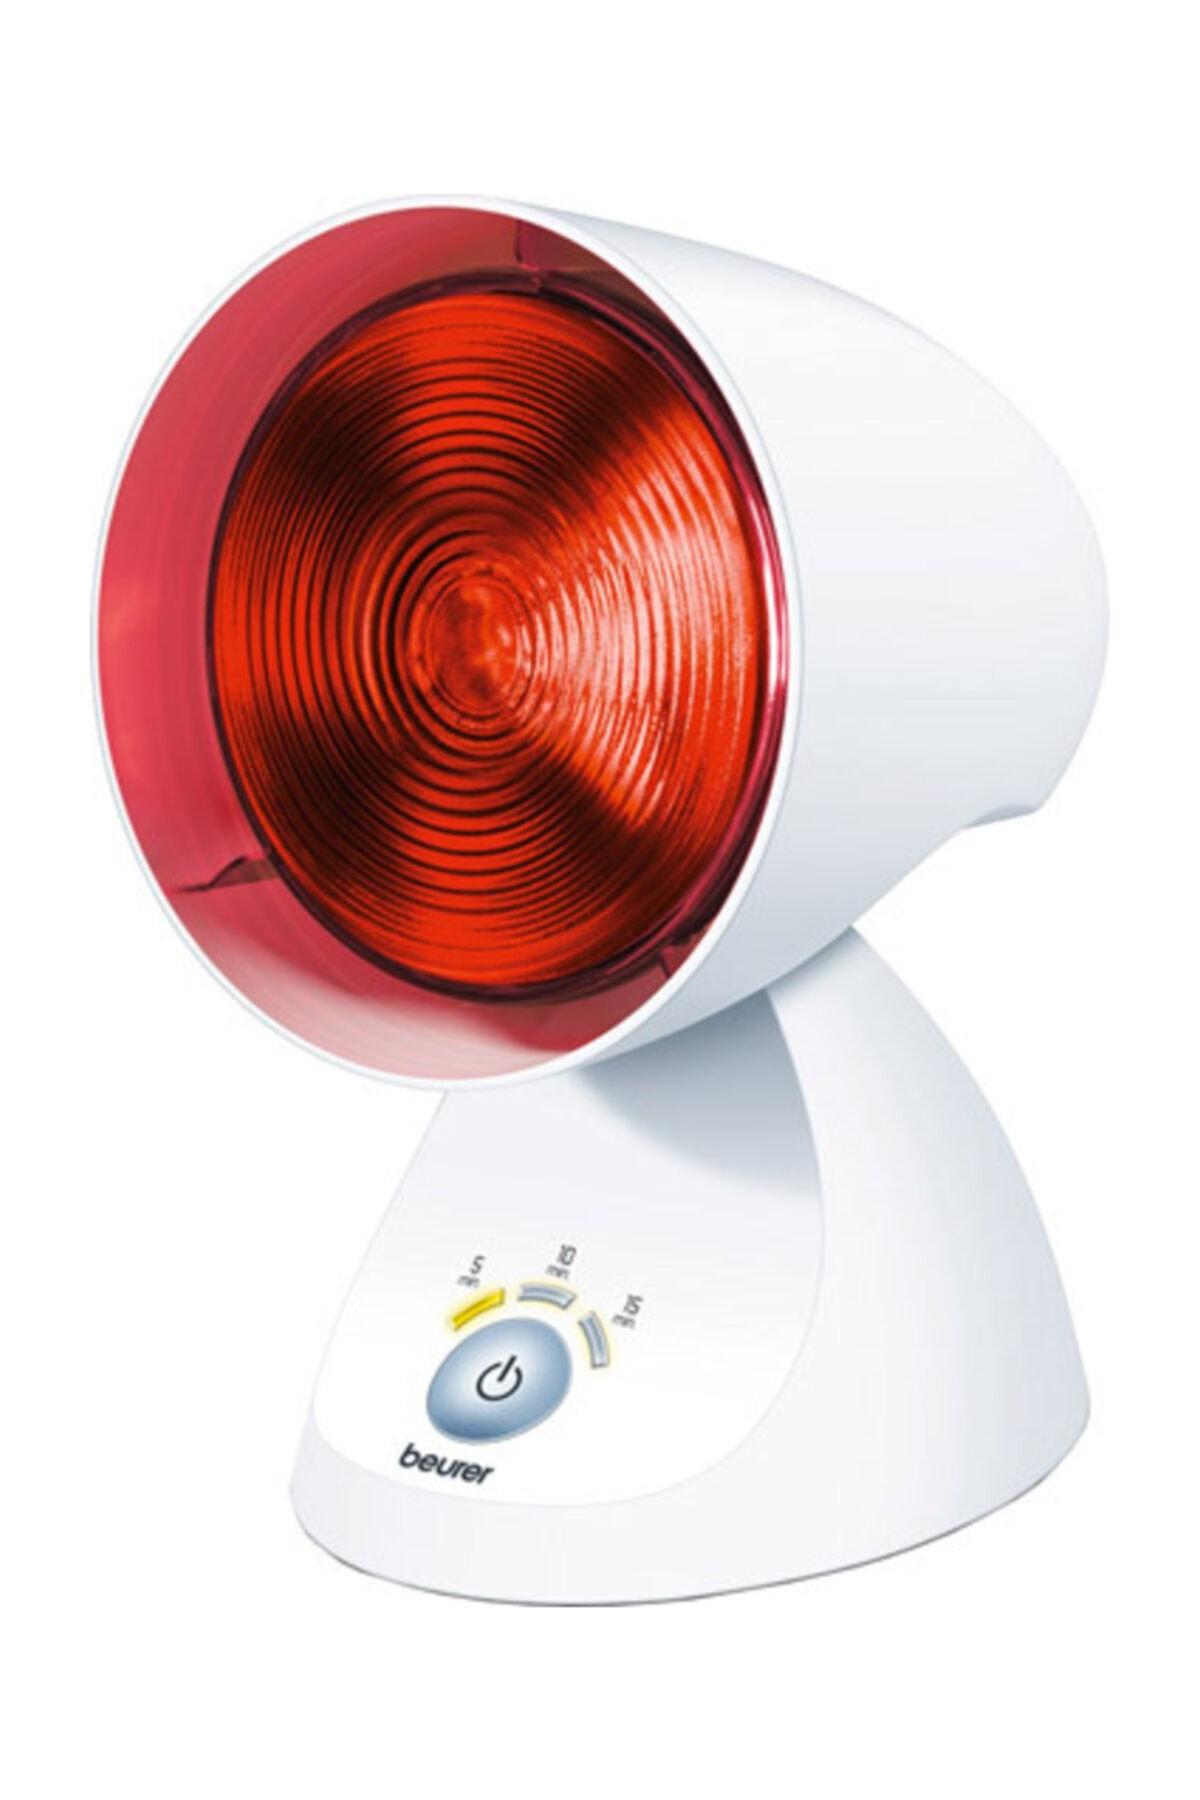 Beurer Il 35 Infraruj/ Kızılötesi Lamba Fızık Tedavi Soğuk Algınlıgı Lambası 1